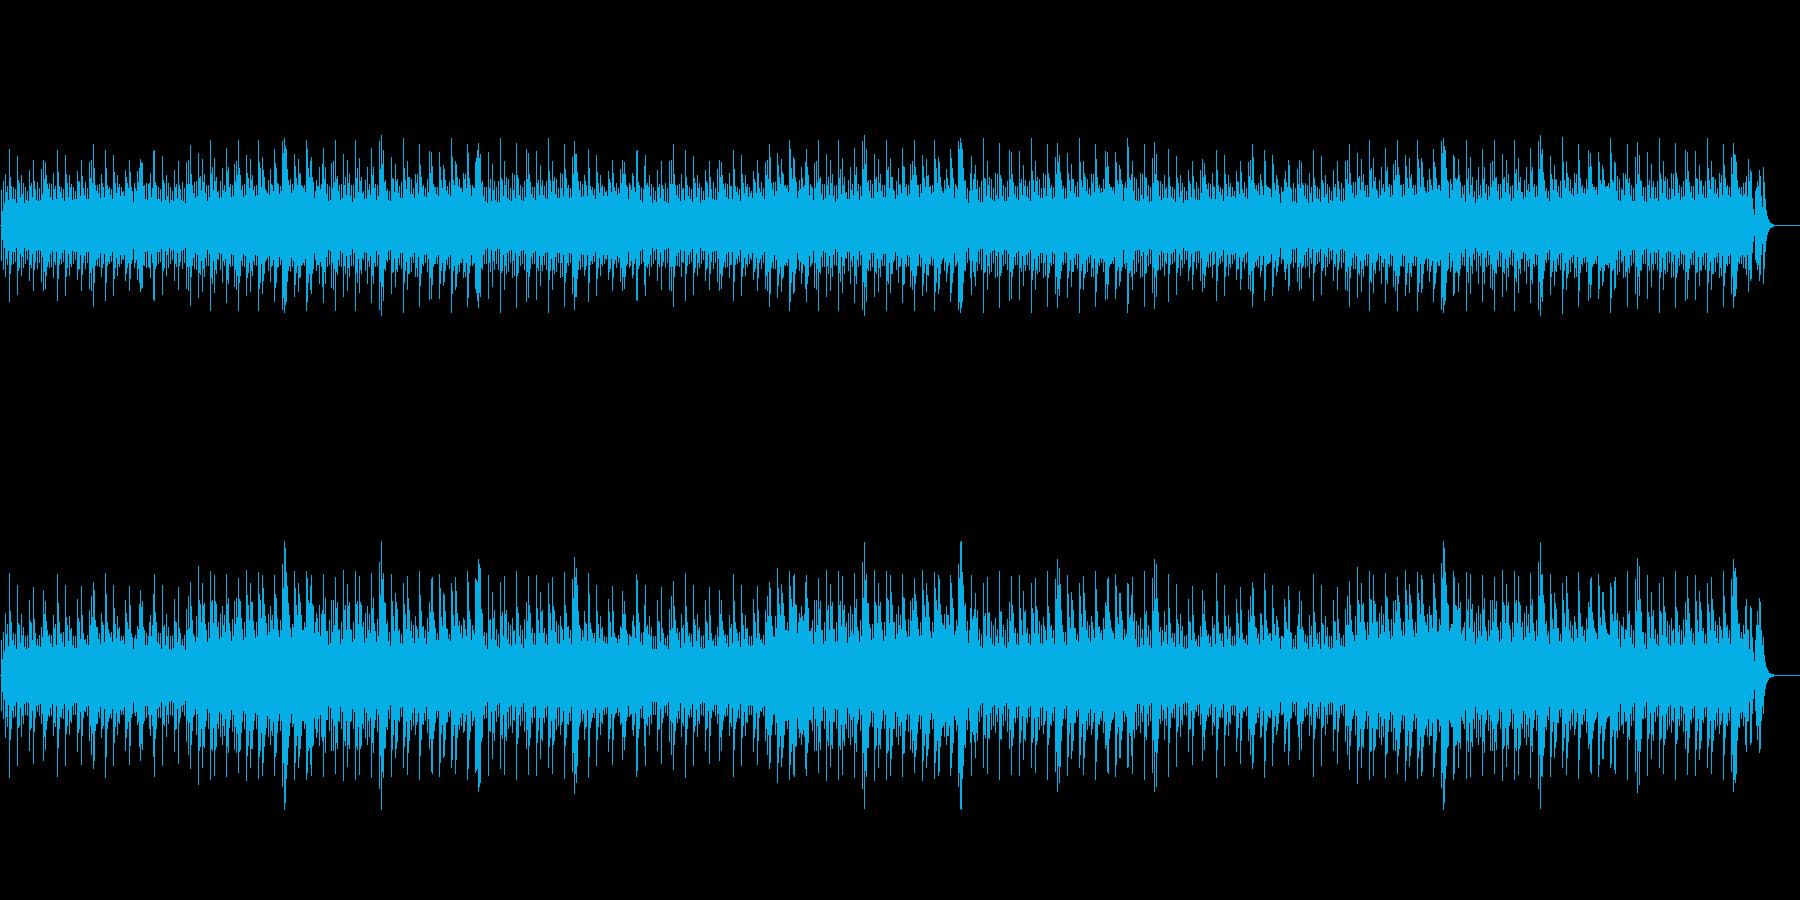 短調のオルゴール-迷宮BGMループの再生済みの波形